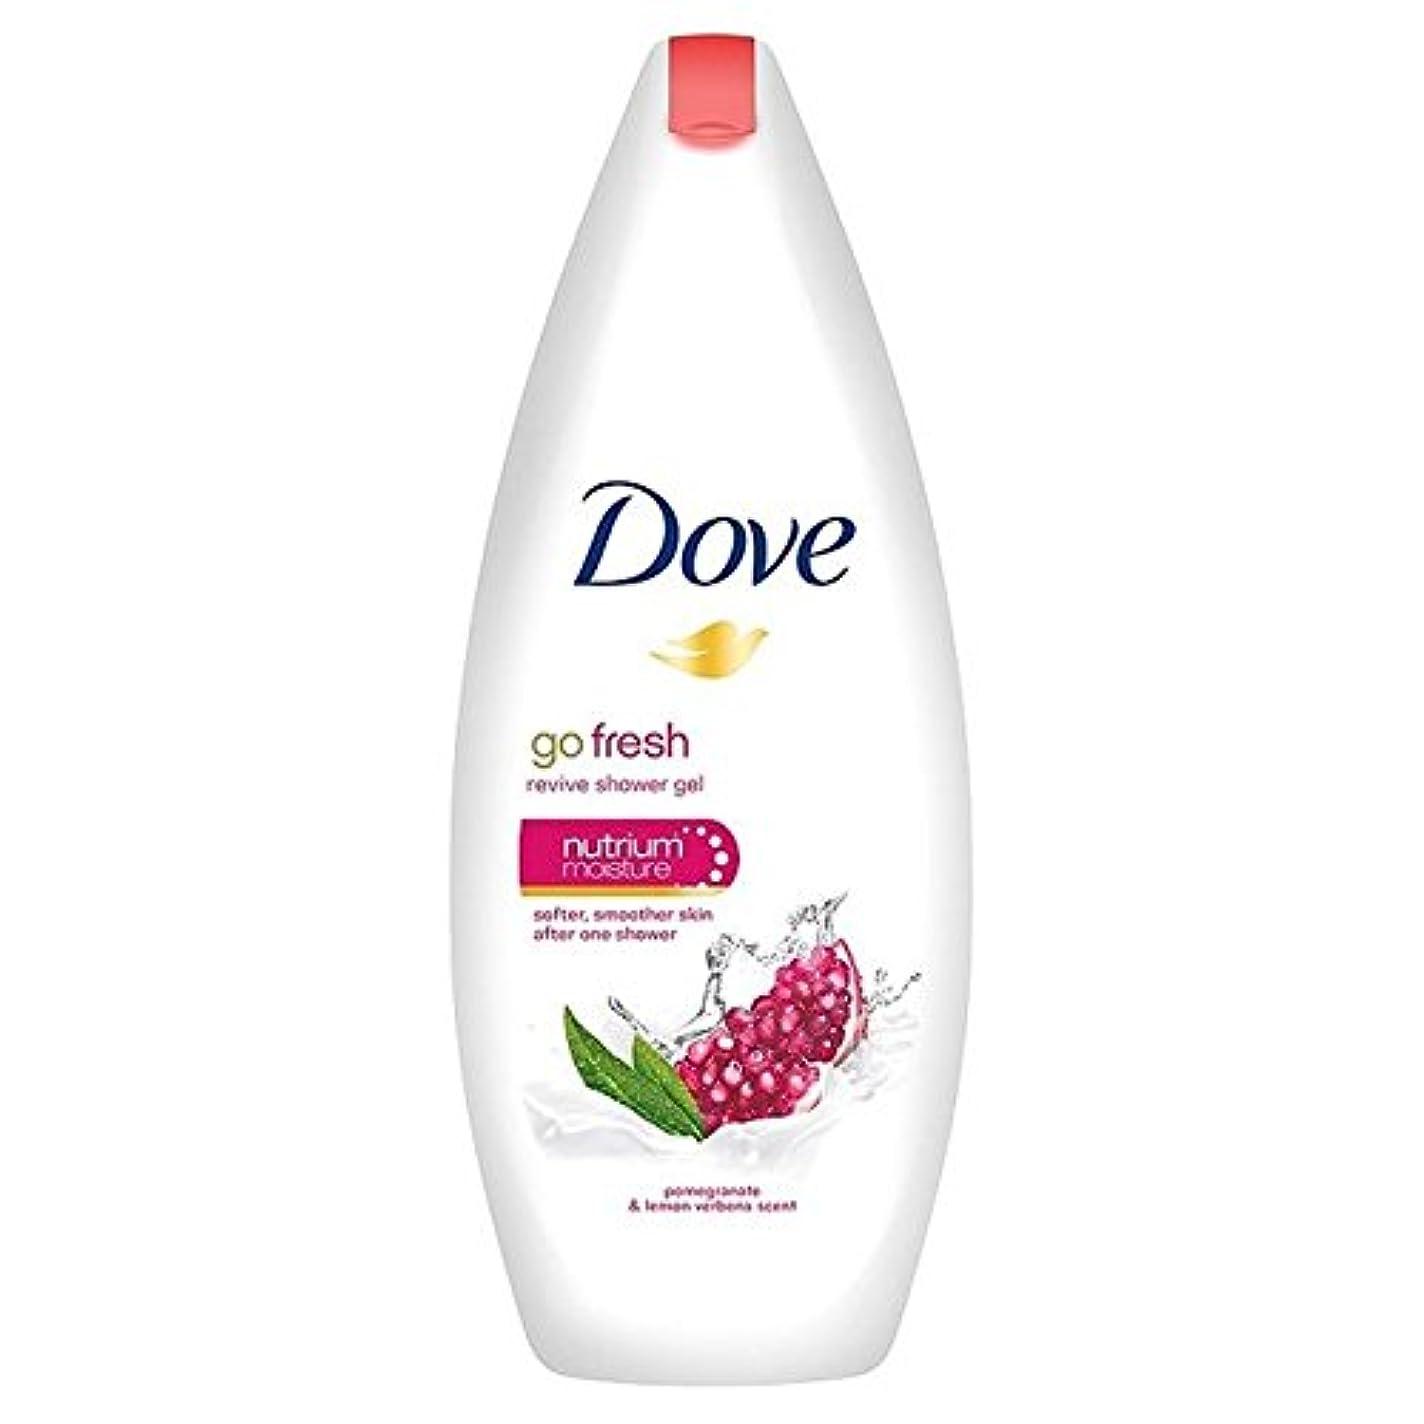 専門化する埋め込むアウトドア鳩は、新鮮なザクロボディウォッシュ250ミリリットルを行きます x4 - Dove Go Fresh Pomegranate Body Wash 250ml (Pack of 4) [並行輸入品]